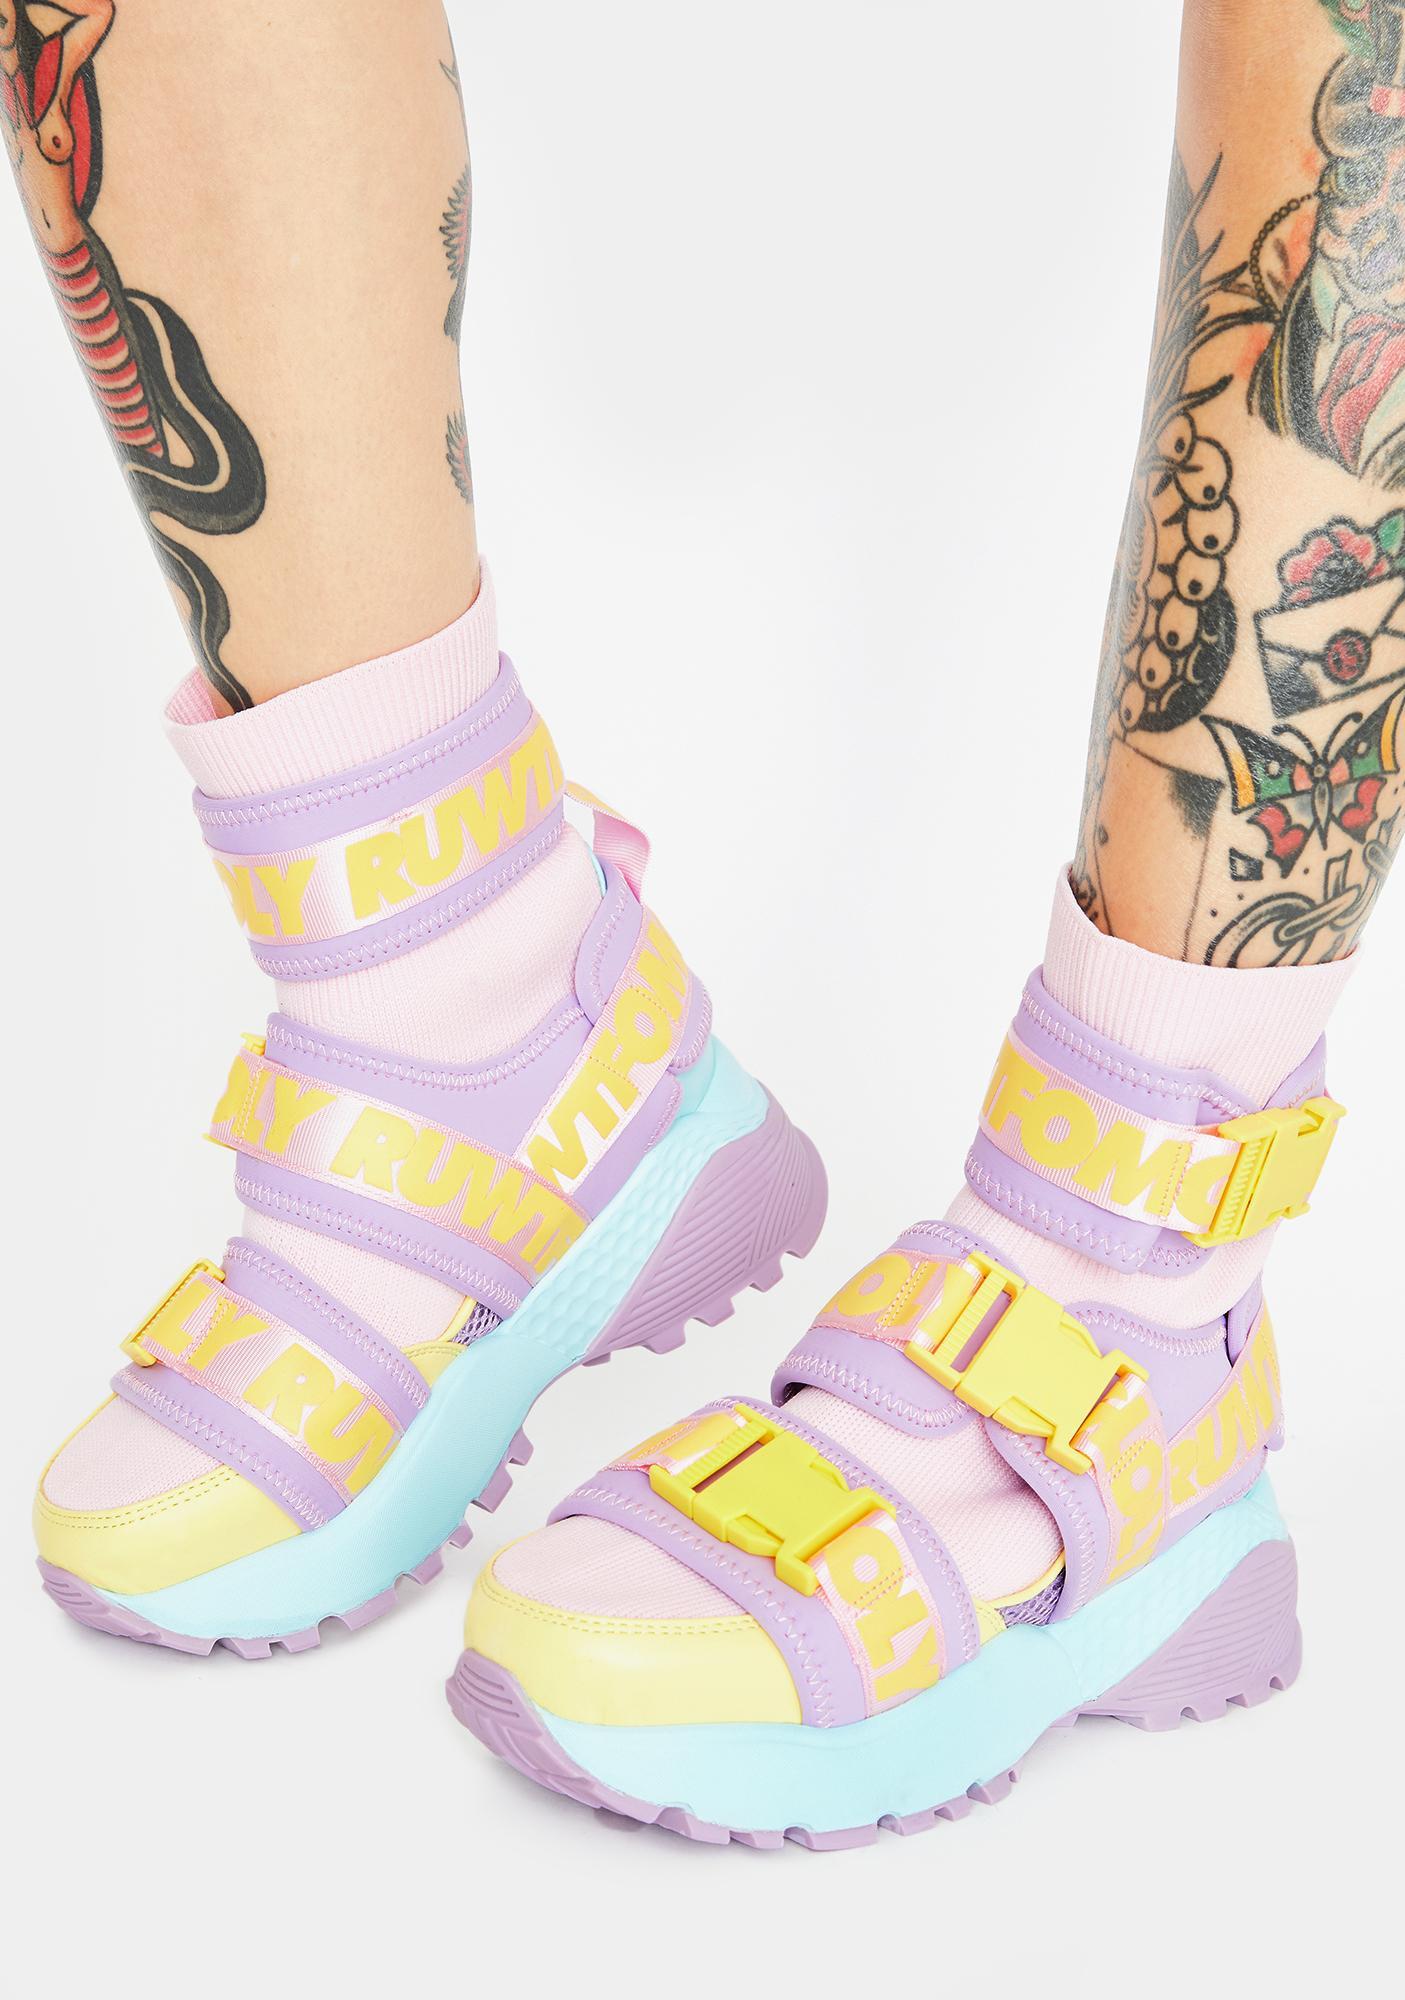 Y.R.U. Pastel Teq Platform Sneakers